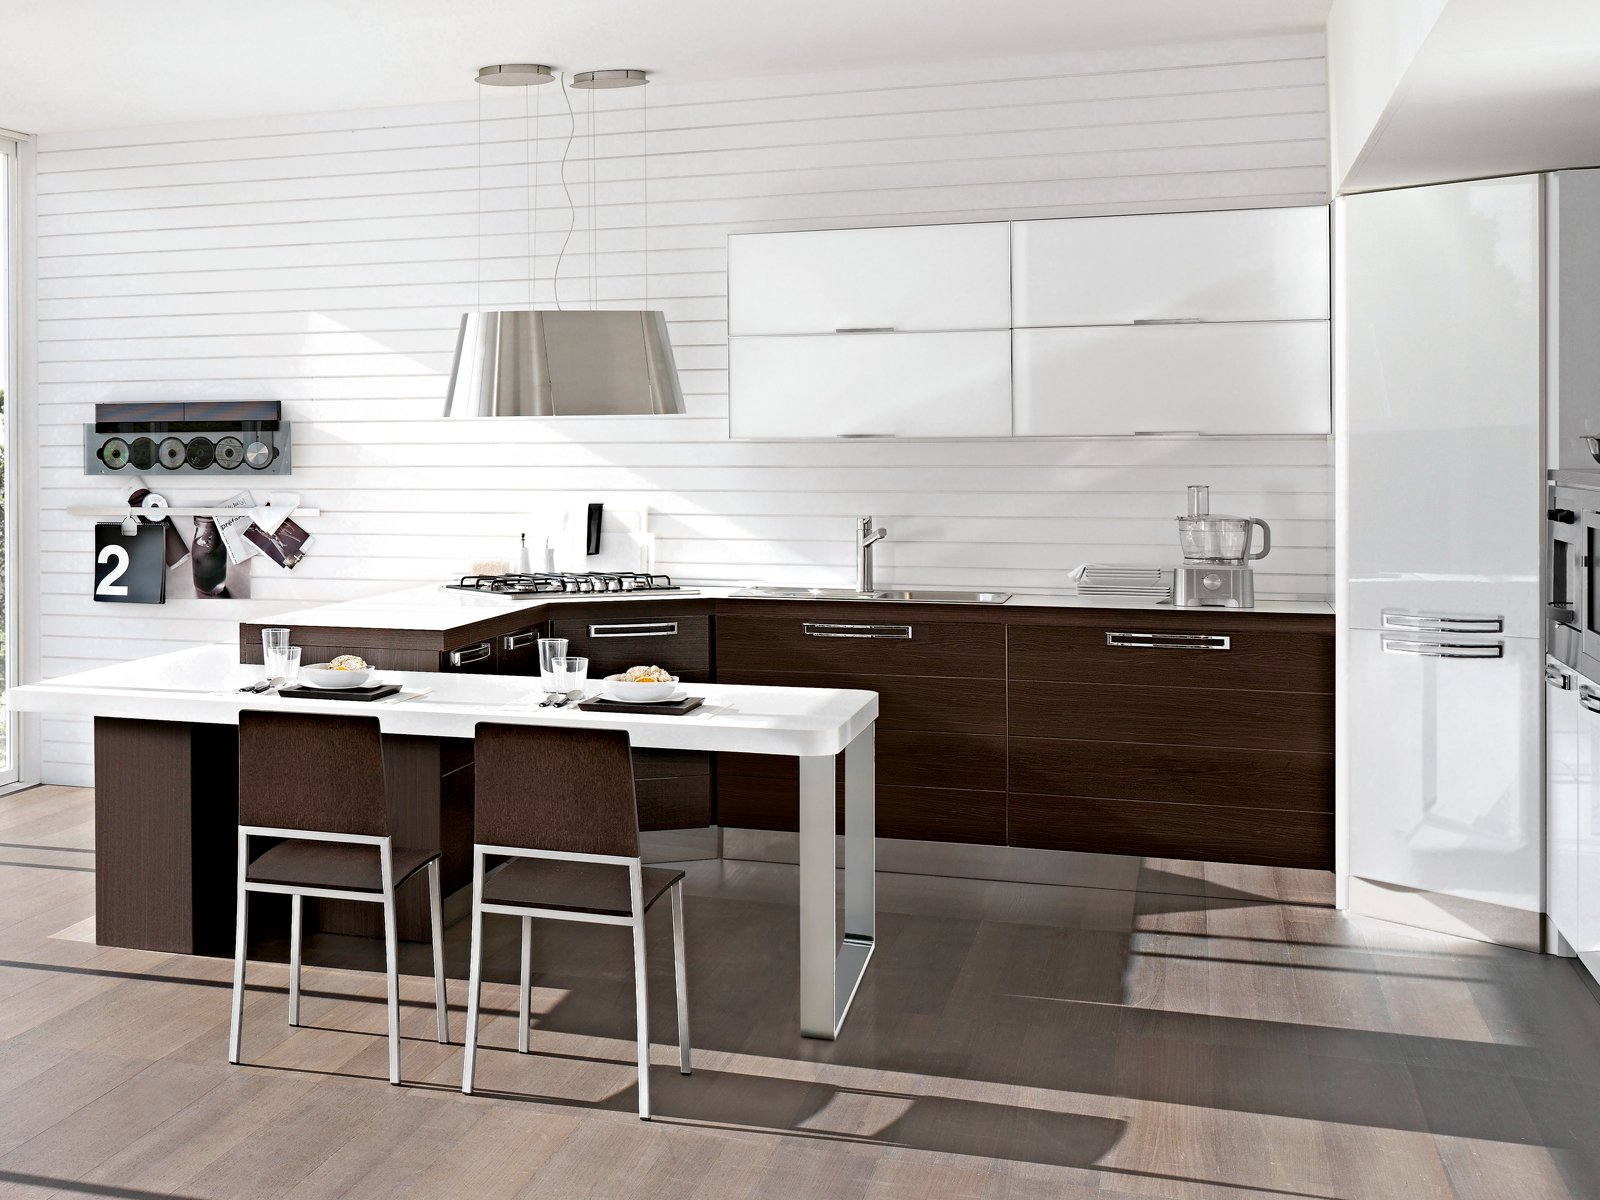 la cucina è... in soggiorno - cose di casa - Soggiorno Cucina Con Camino 2